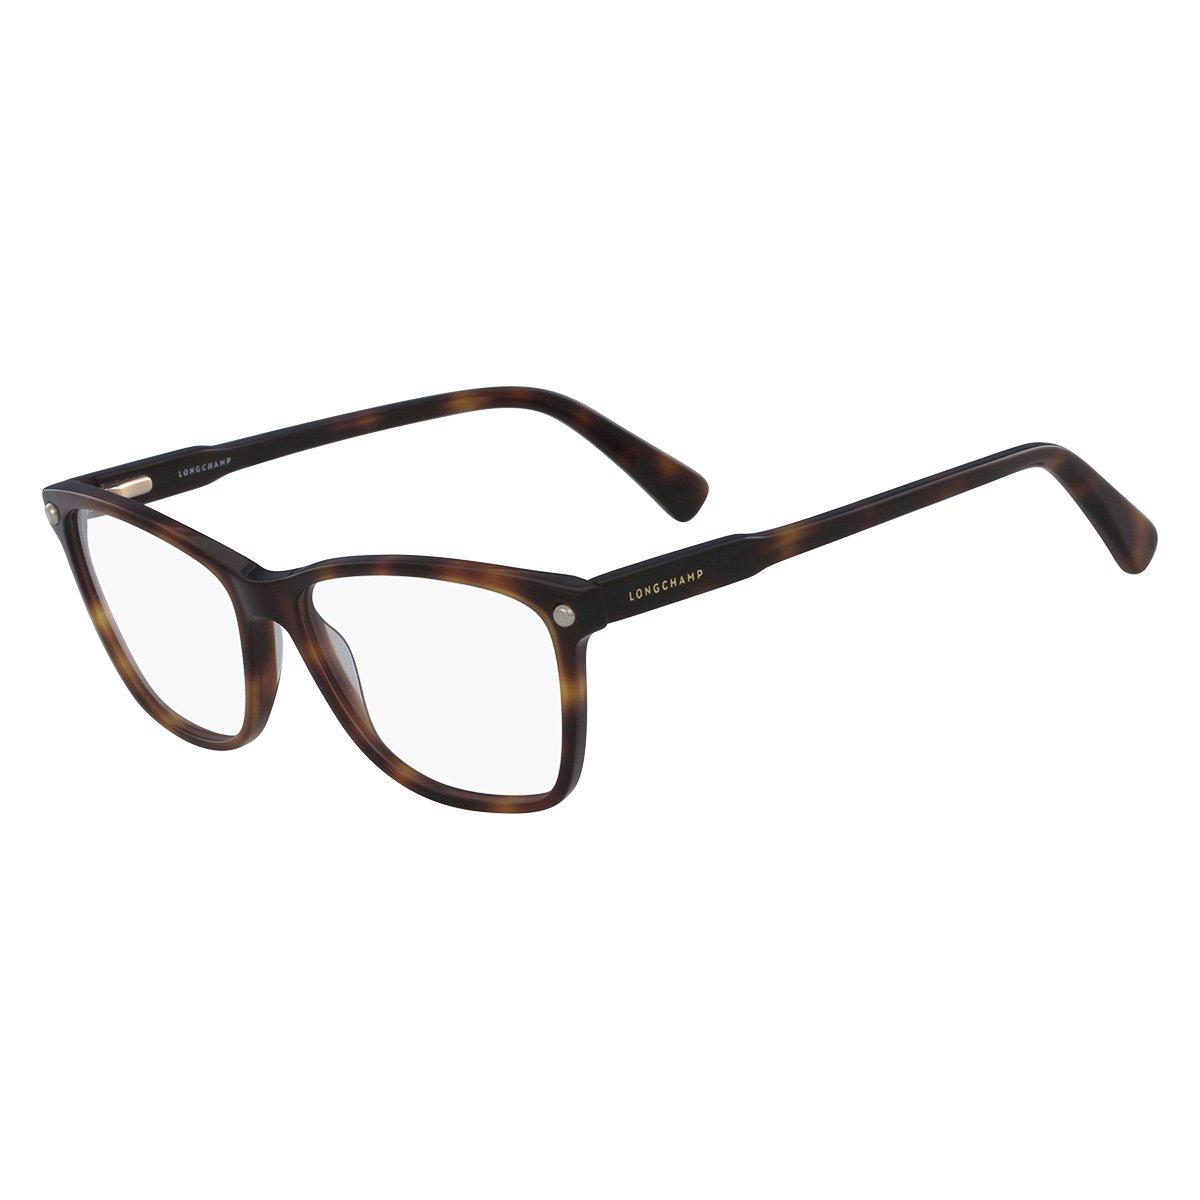 Óculos Longchamp Quadrado Print Feminino